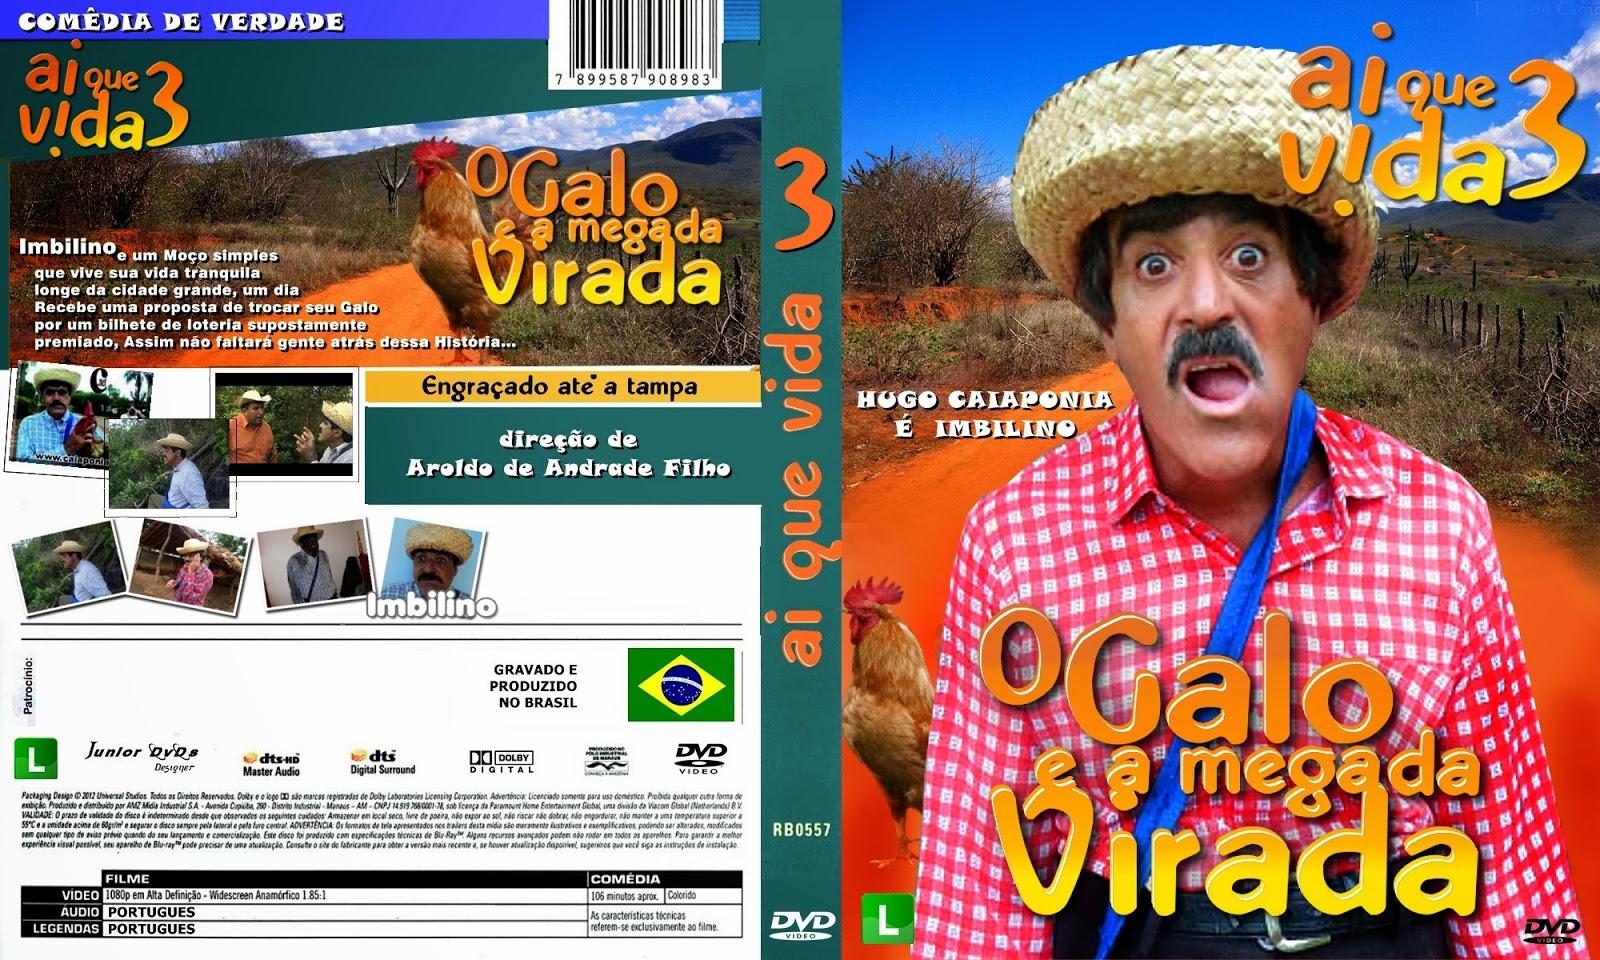 filme ai que vida 6